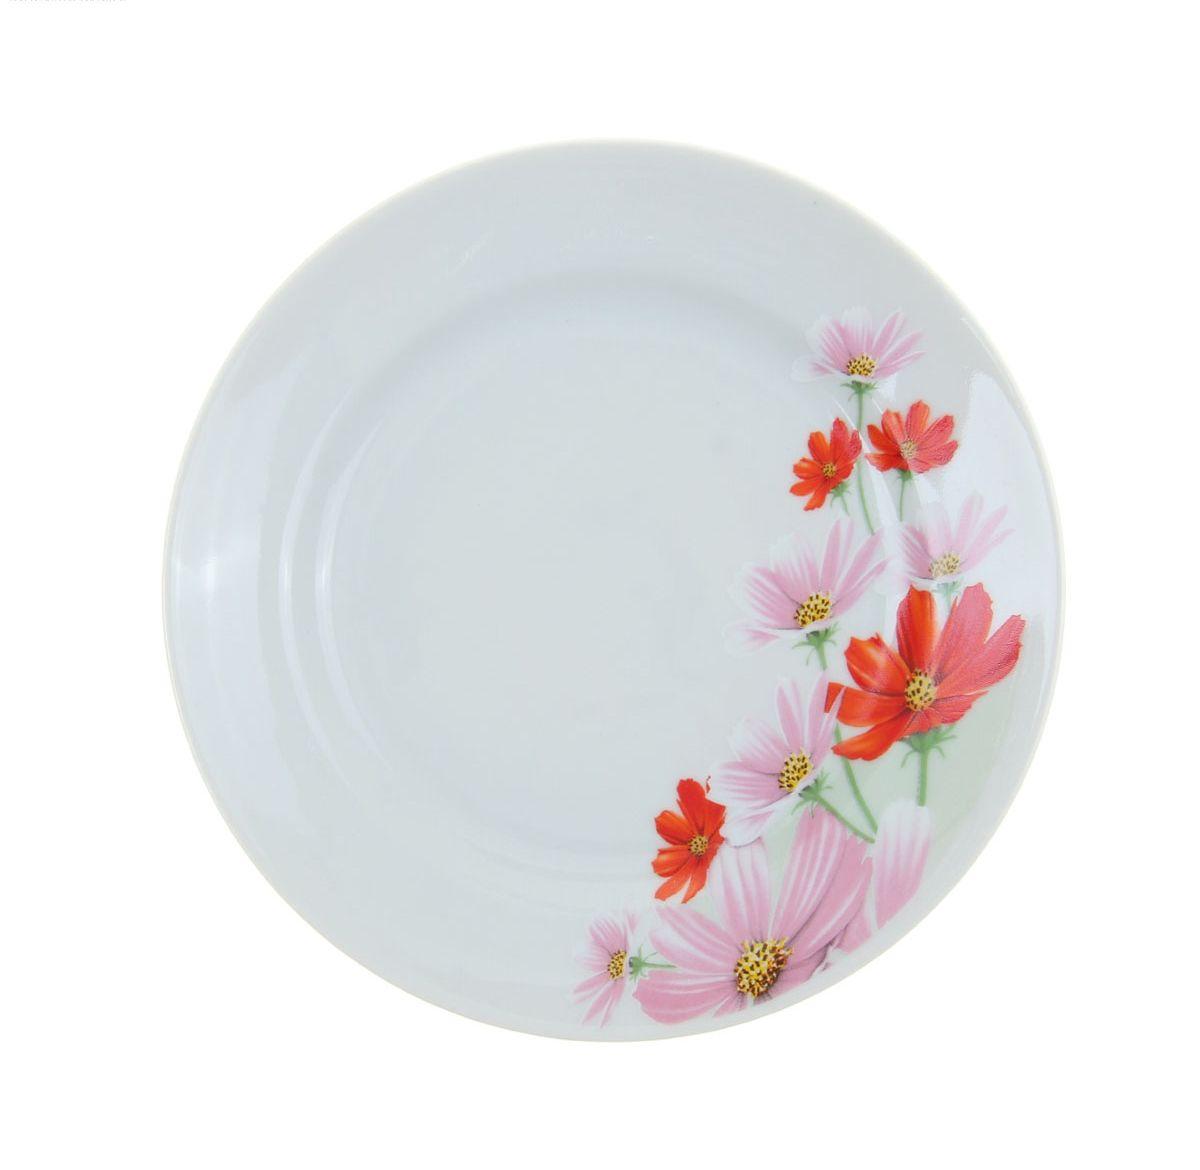 Тарелка мелкая Идиллия. Космея, диаметр 17 см1035460Мелкая тарелка Идиллия. Космея выполнена из высококачественного фарфора и украшена ярким цветочным рисунком. Она прекрасно впишется в интерьер вашей кухни и станет достойным дополнением к кухонному инвентарю. Тарелка Идиллия. Космея подчеркнет прекрасный вкус хозяйки и станет отличным подарком. Диаметр тарелки: 17 см.